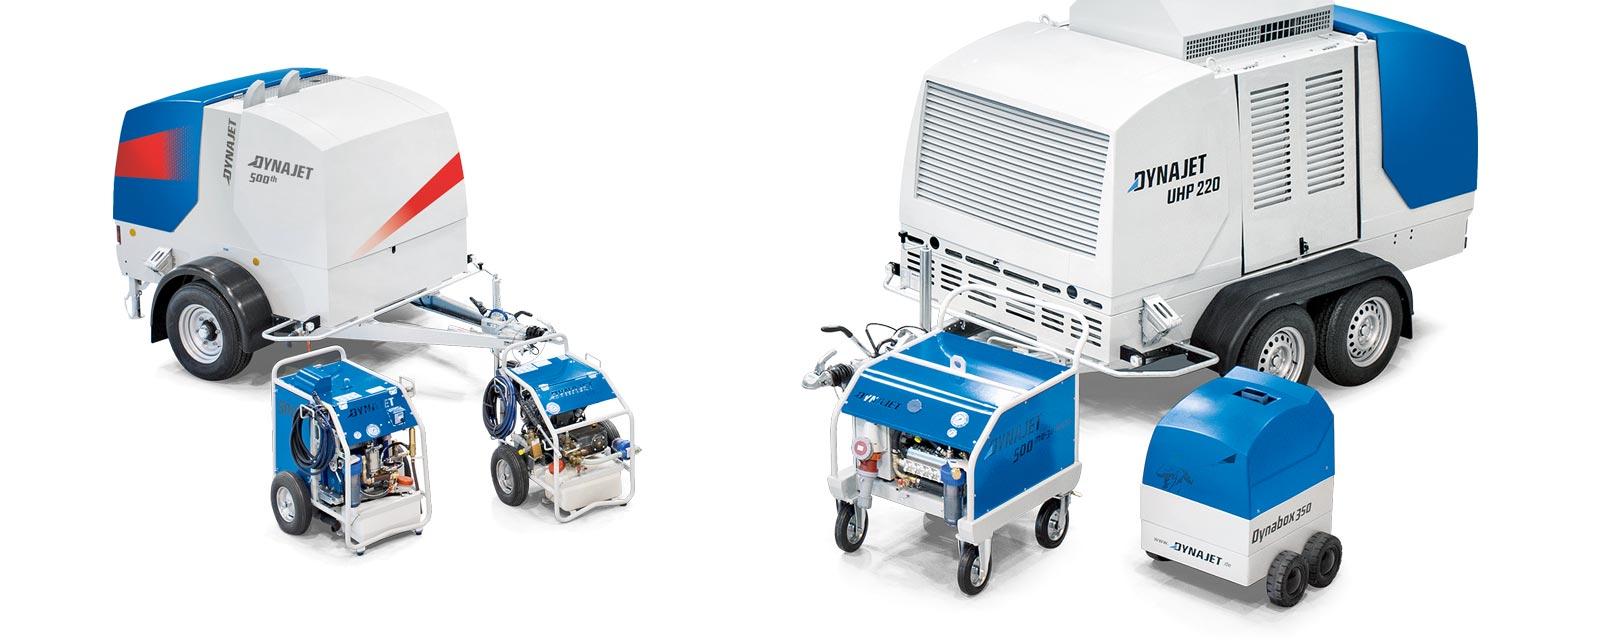 Les nettoyeurs haute pression DYNAJET, dont la pression de travail peut atteindre 3 000 bar, répondent aux exigences de qualité les plus élevées et sont conçus pour des interventions difficiles